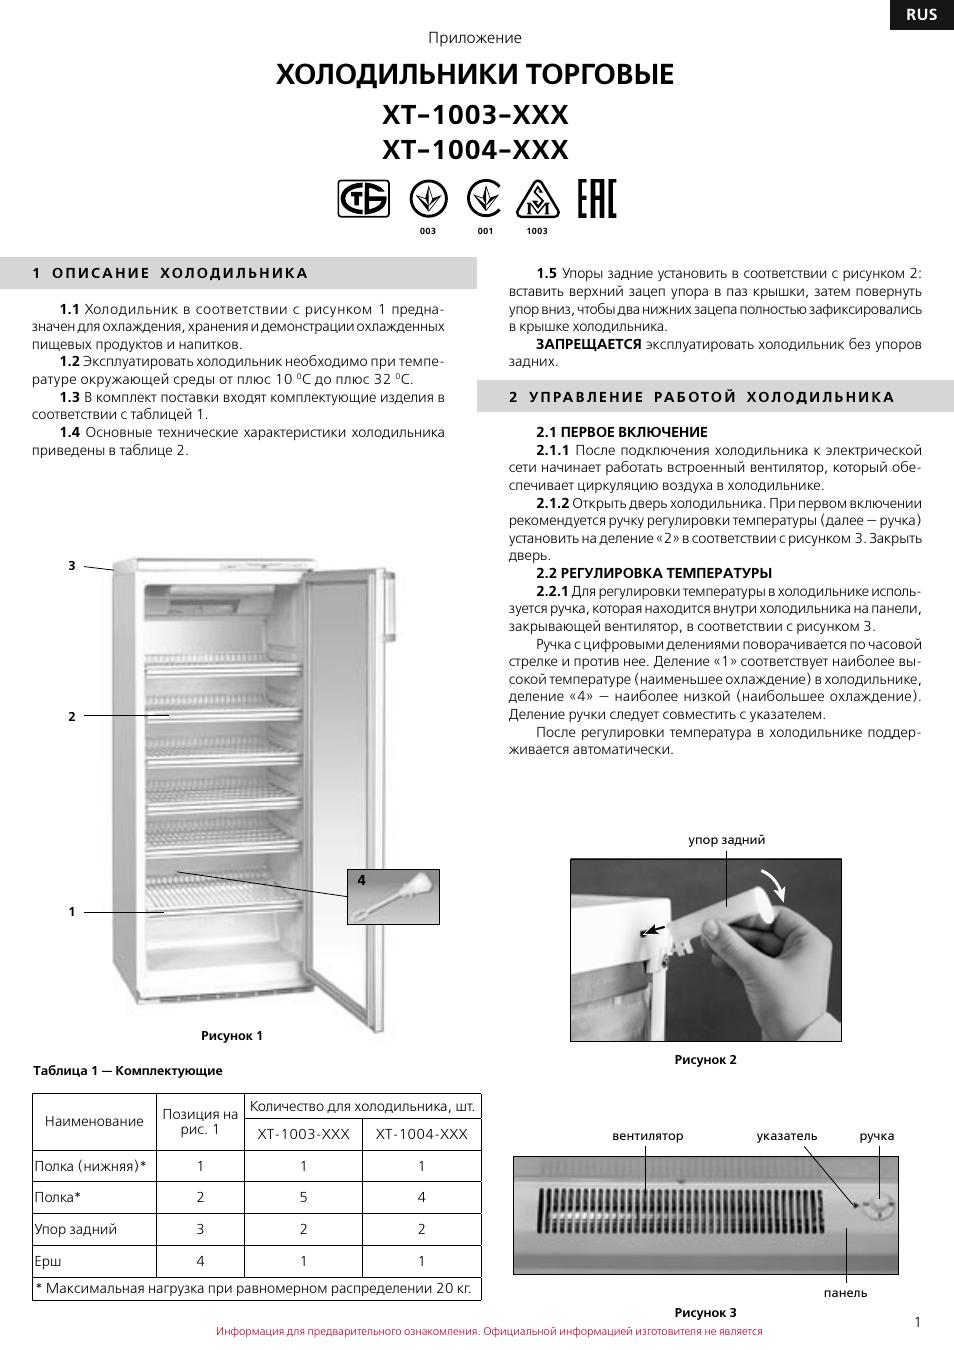 инструкция по эксплуатации атлант хт 1004 приложение 16 страниц